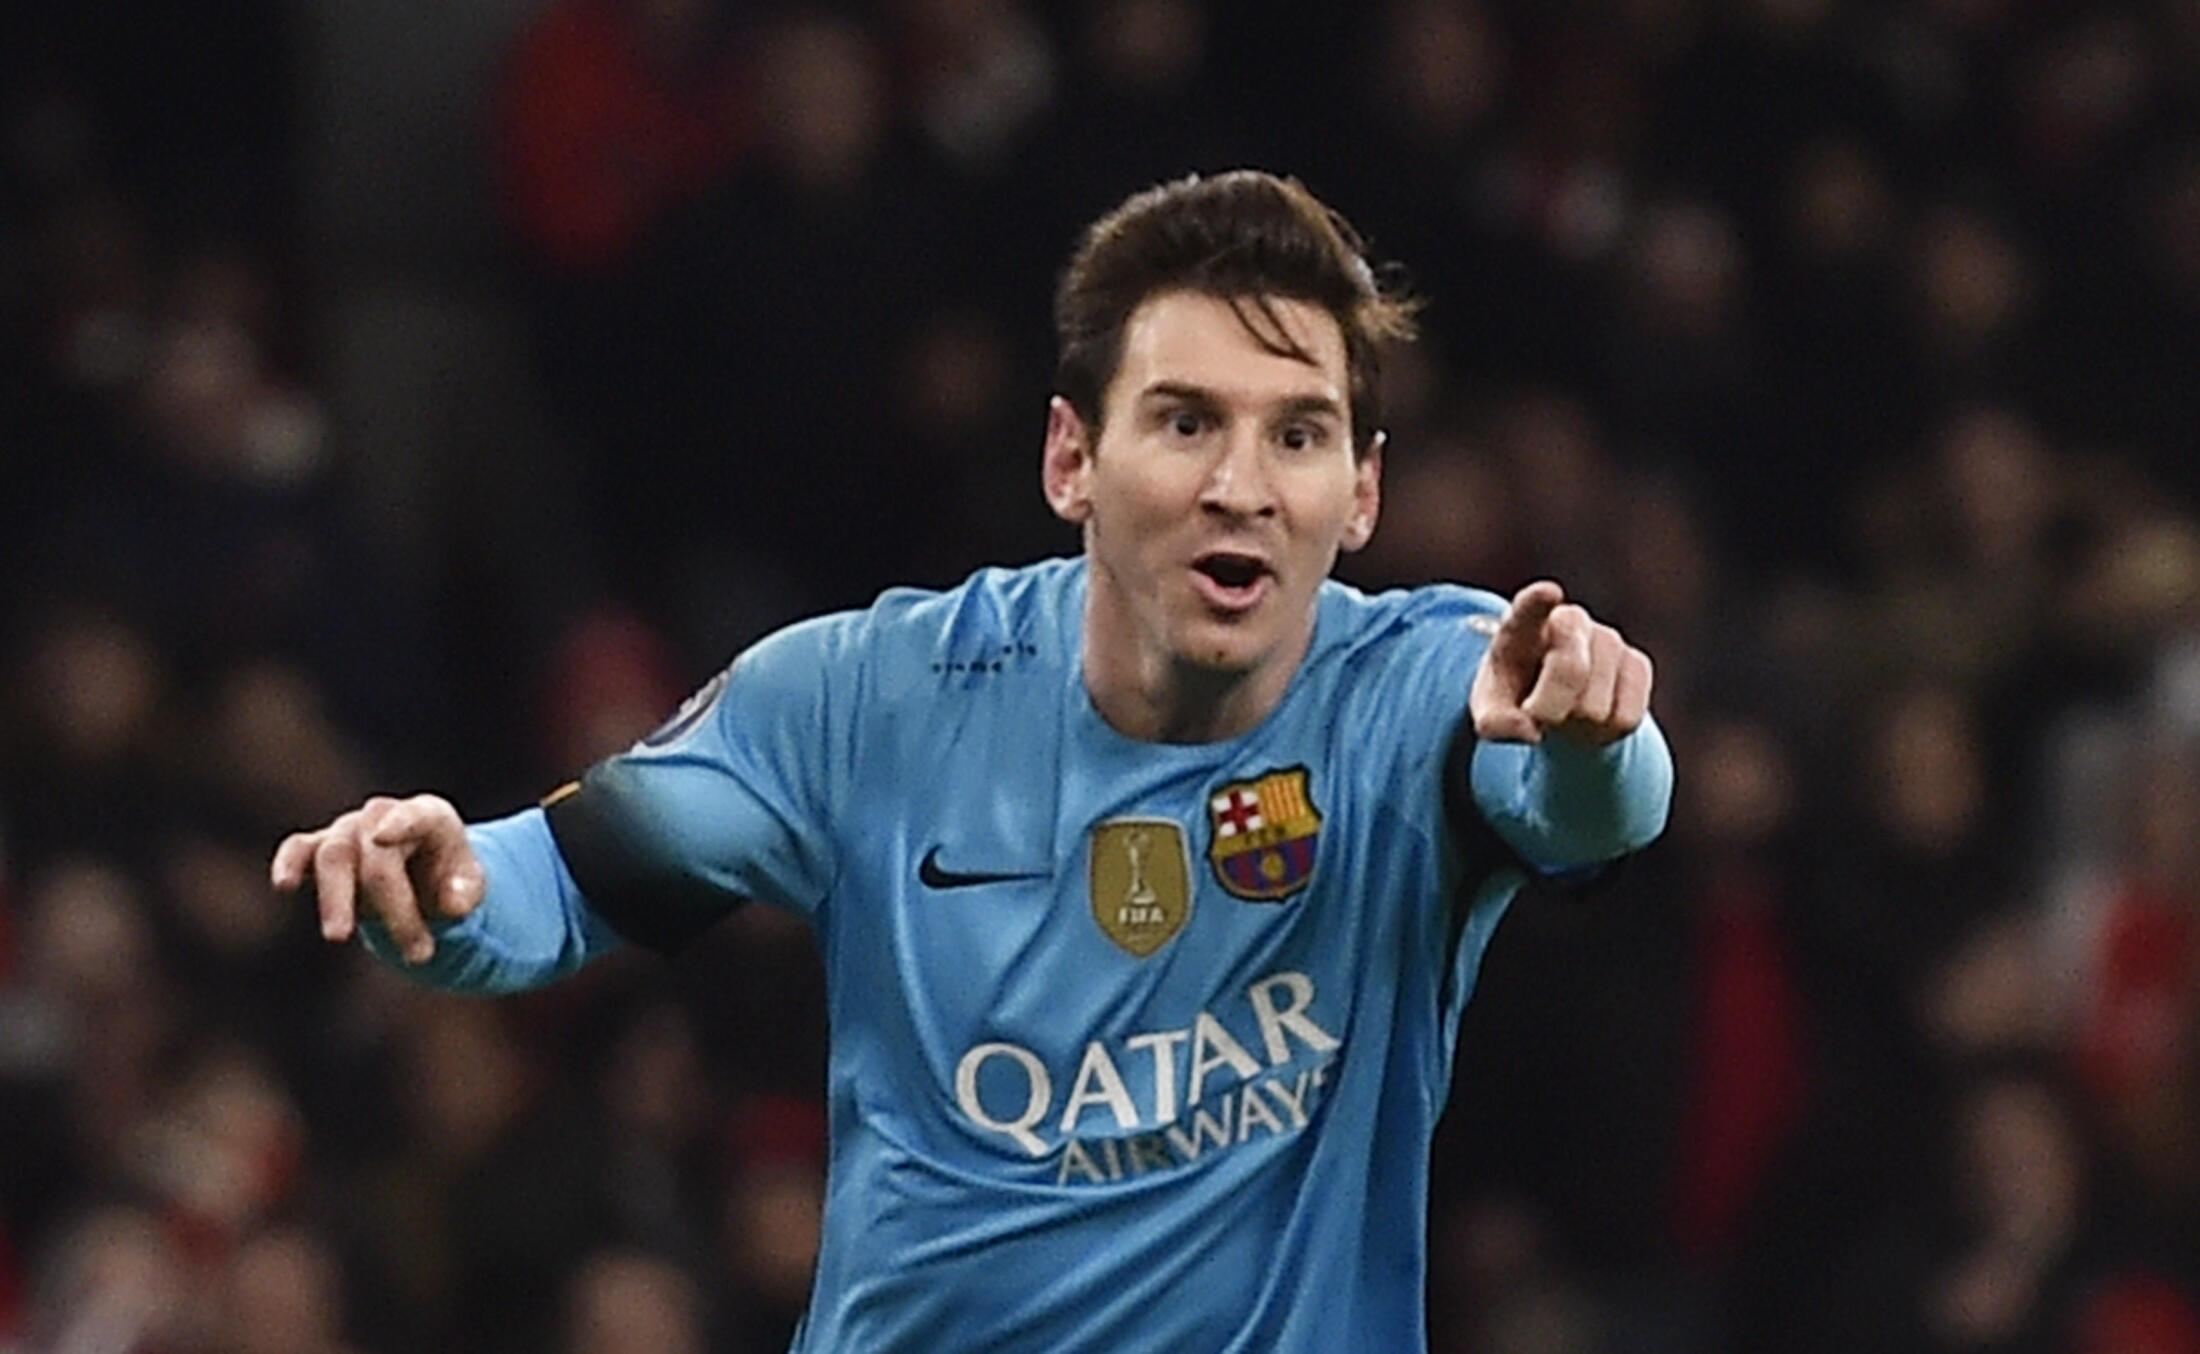 Mshambuliaji wa FC Barcelona, Lionel Messi, ambaye amehukumiwa kifungo cha miezi 21 jela